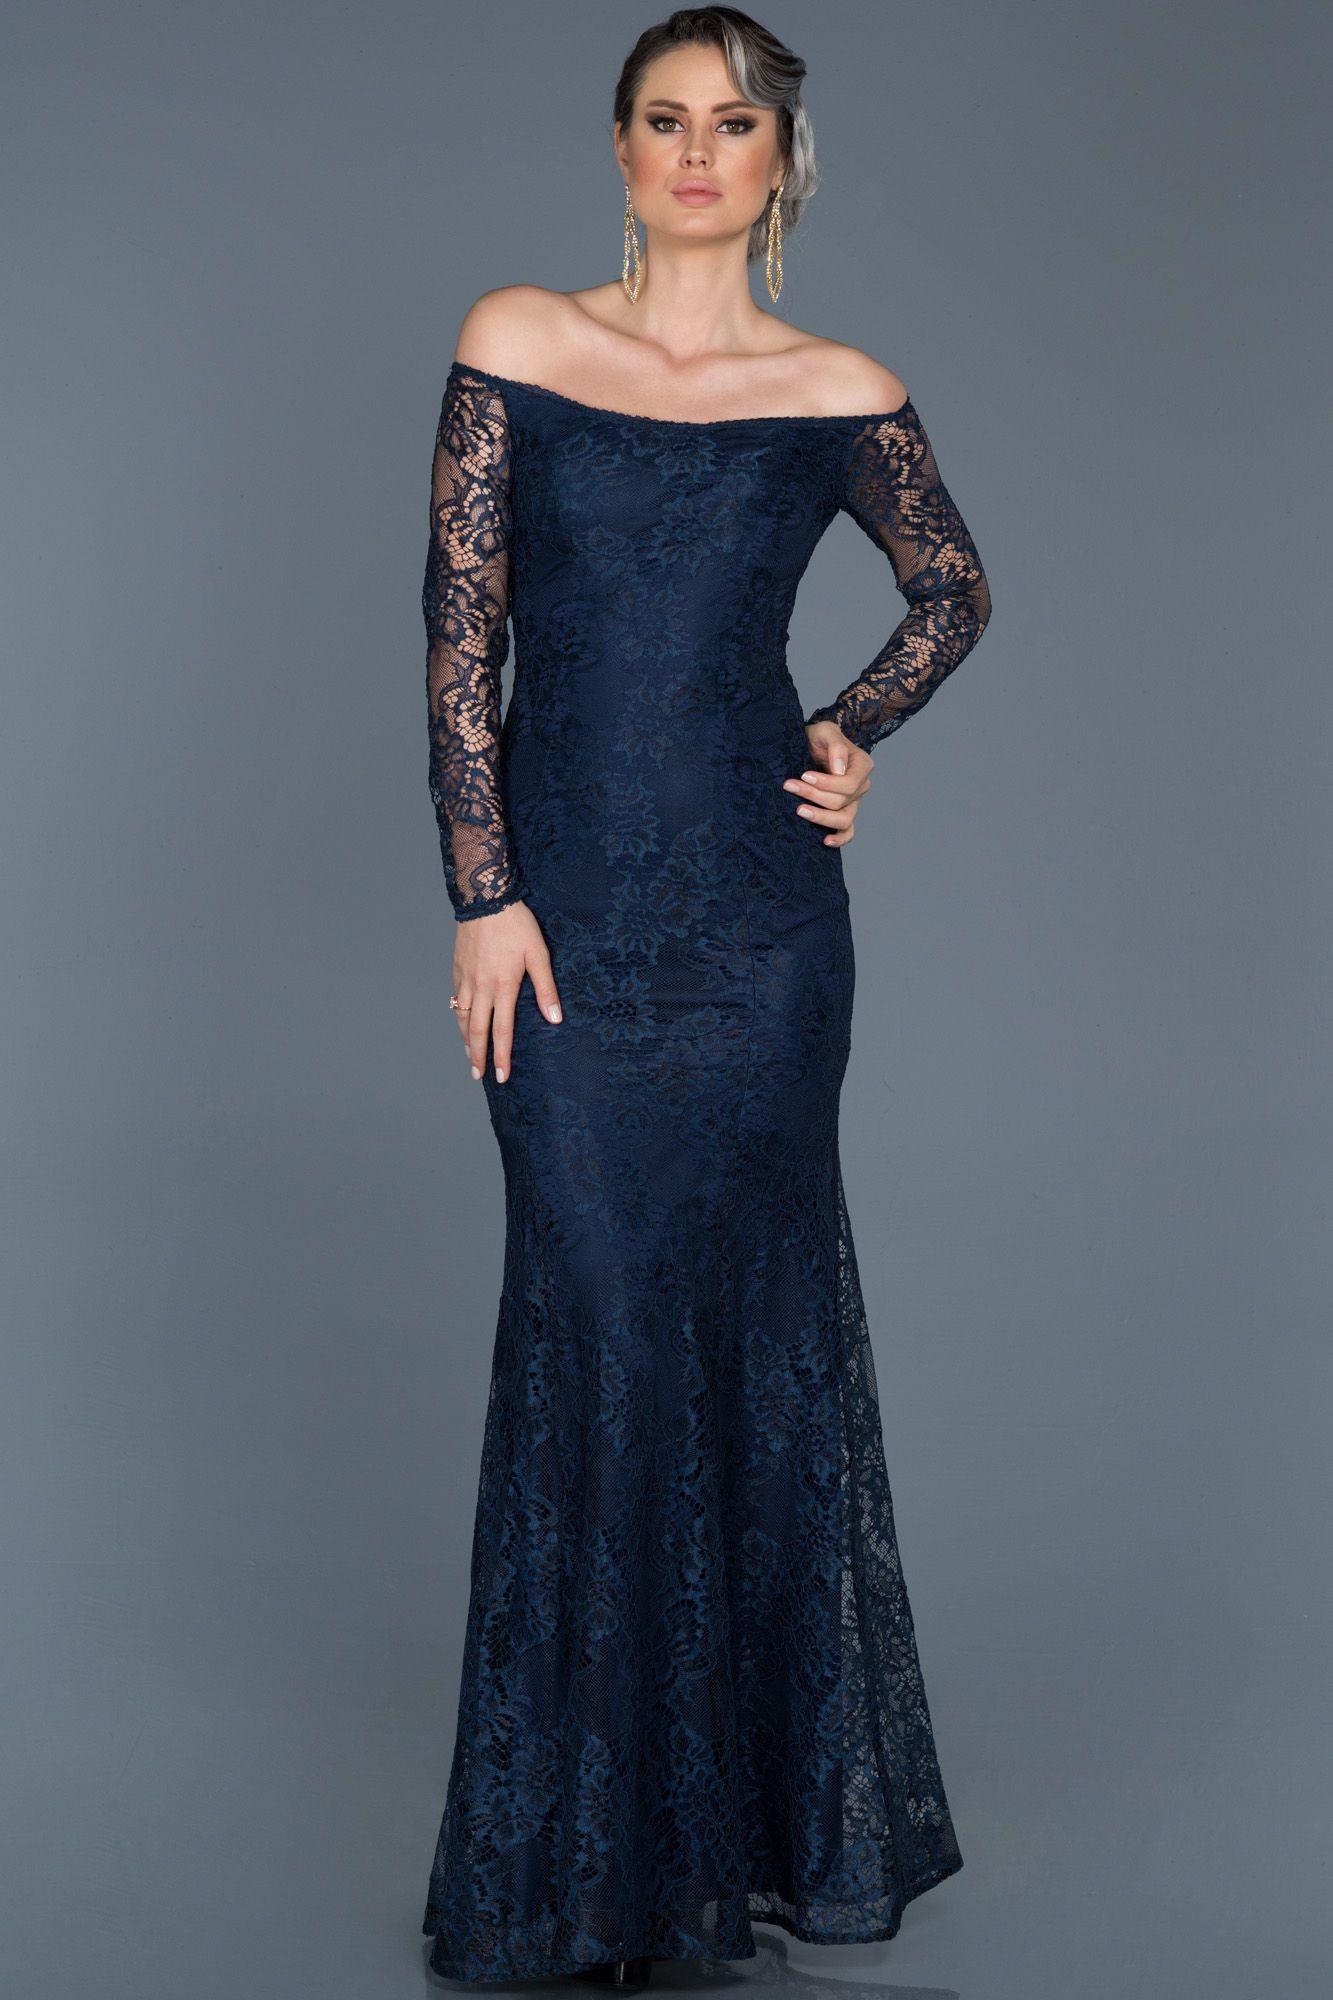 Lacivert Uzun Kollu Dantelli Balik Abiye Abu011 Elbise Modelleri Elbise Moda Stilleri